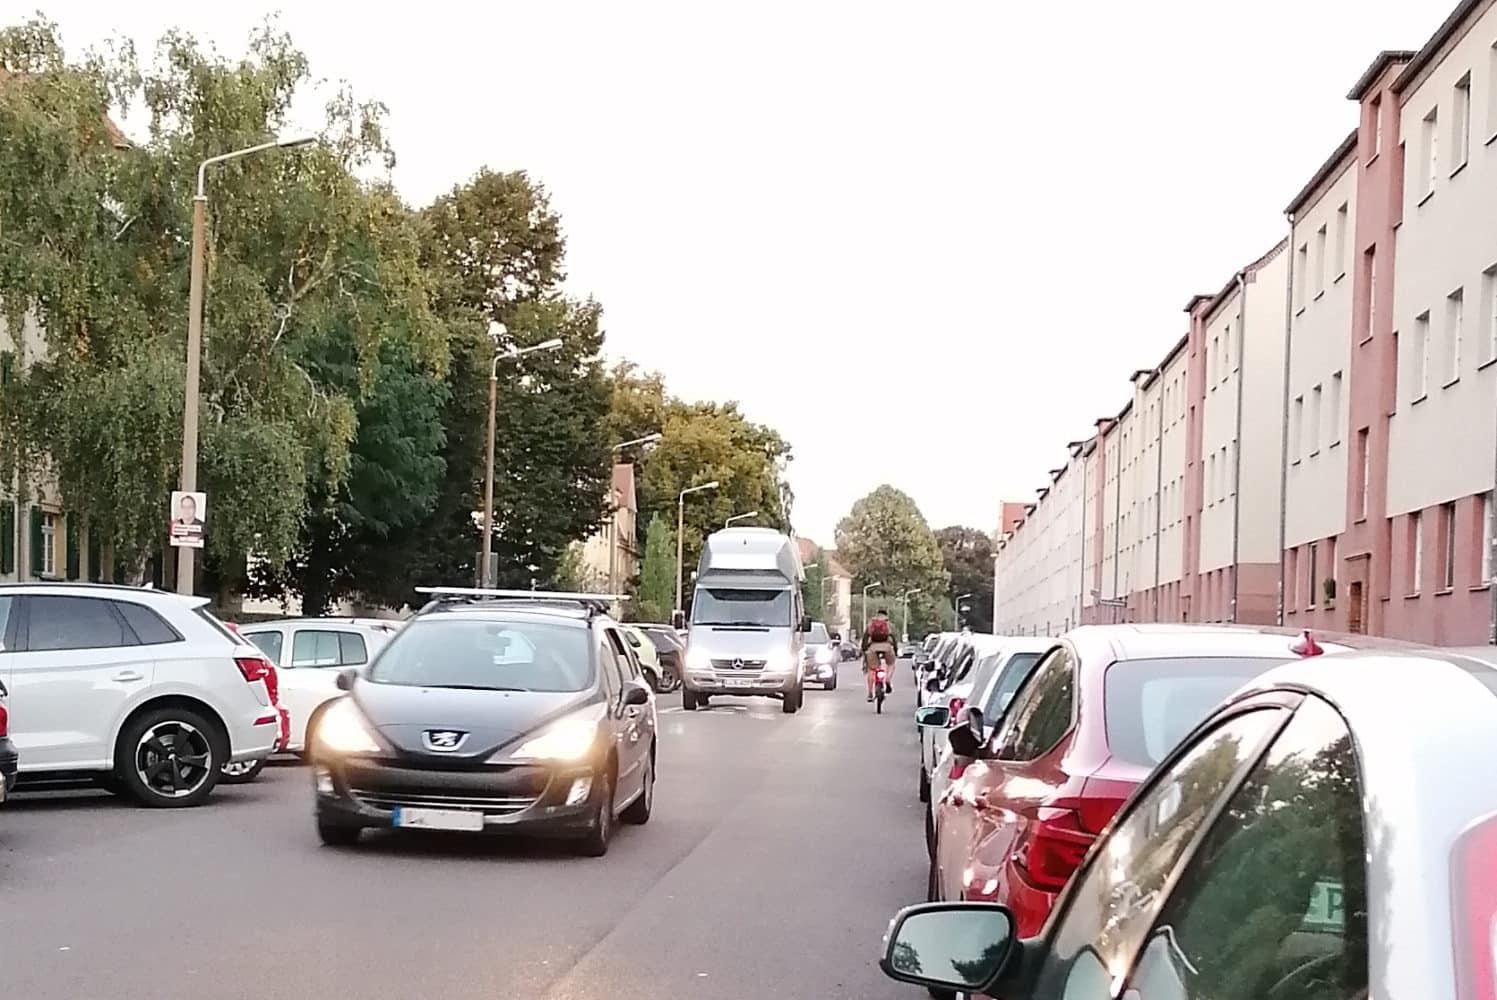 Enge Verhältnisse für Radfahrer/-innen im Triftweg. Foto: privat